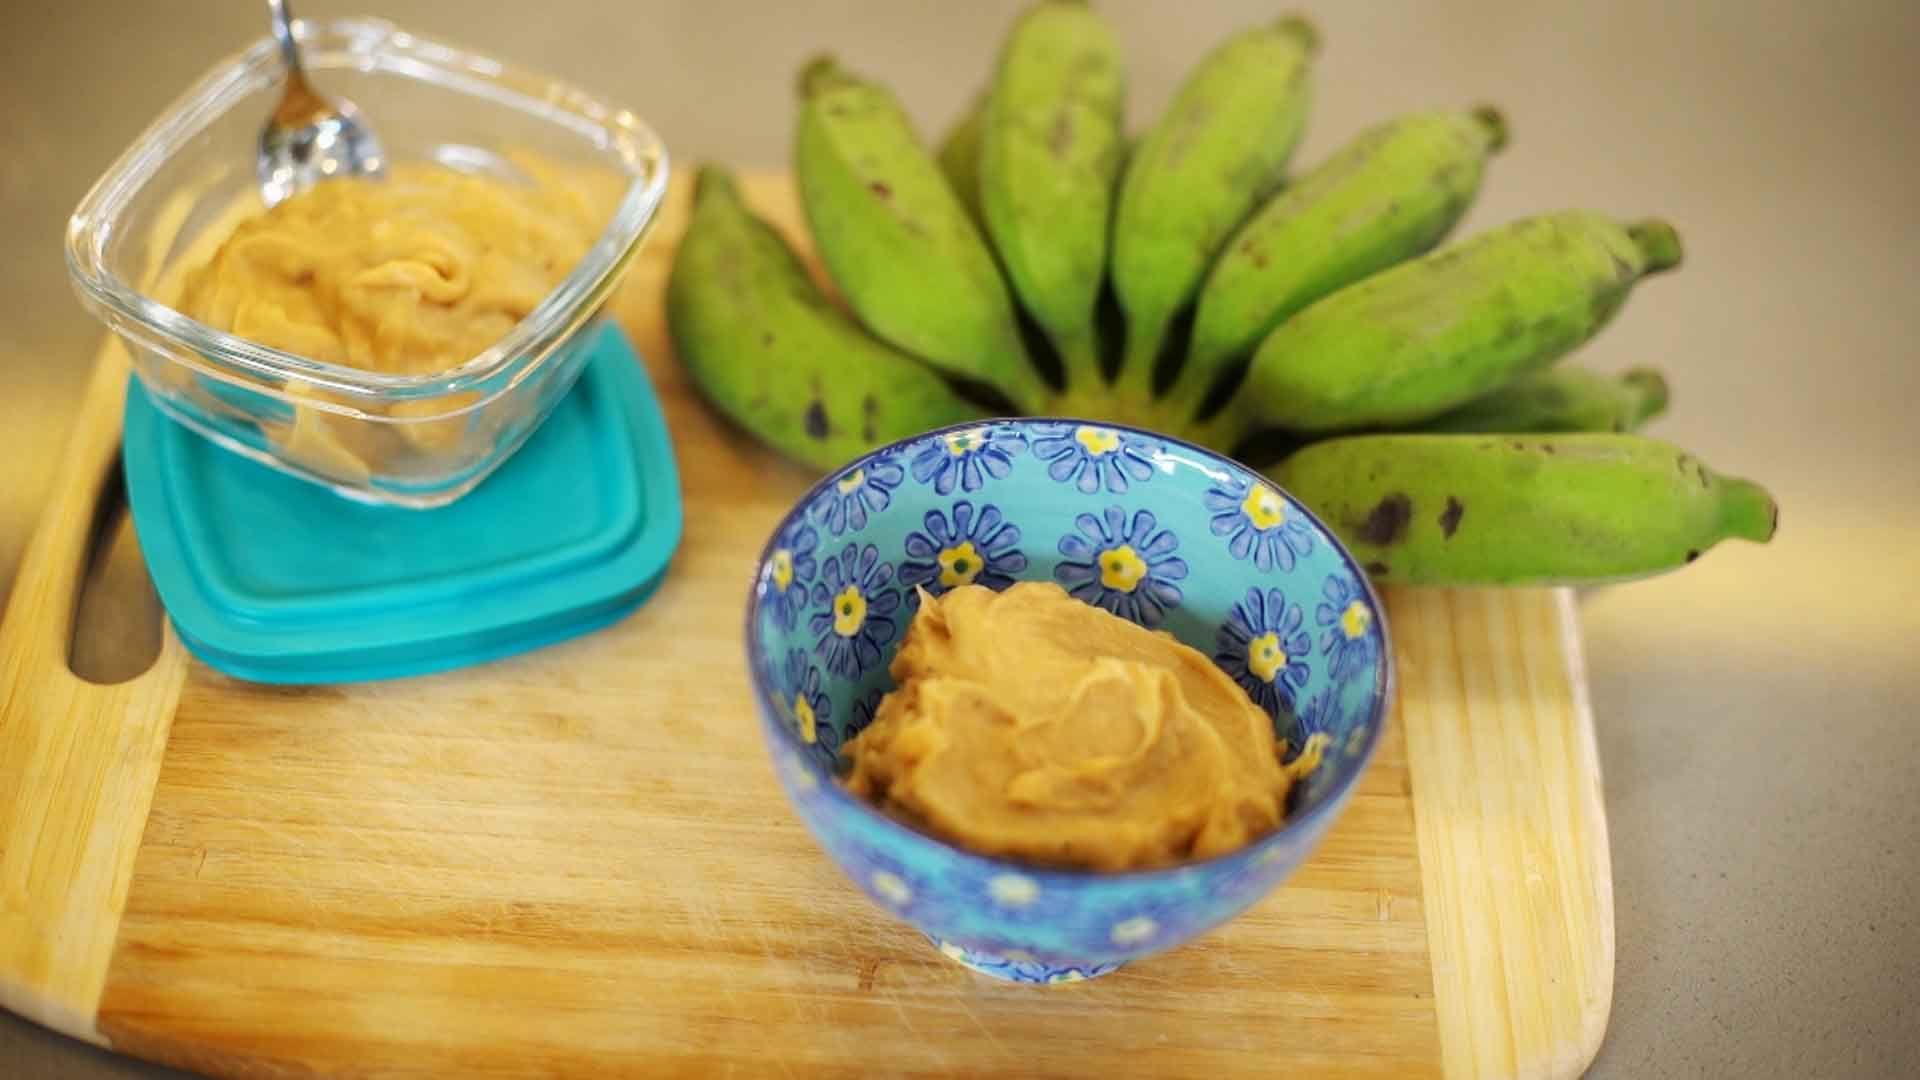 Biomassa De Banana Verde Pode Ser Feita Em Casa E E Super Facil